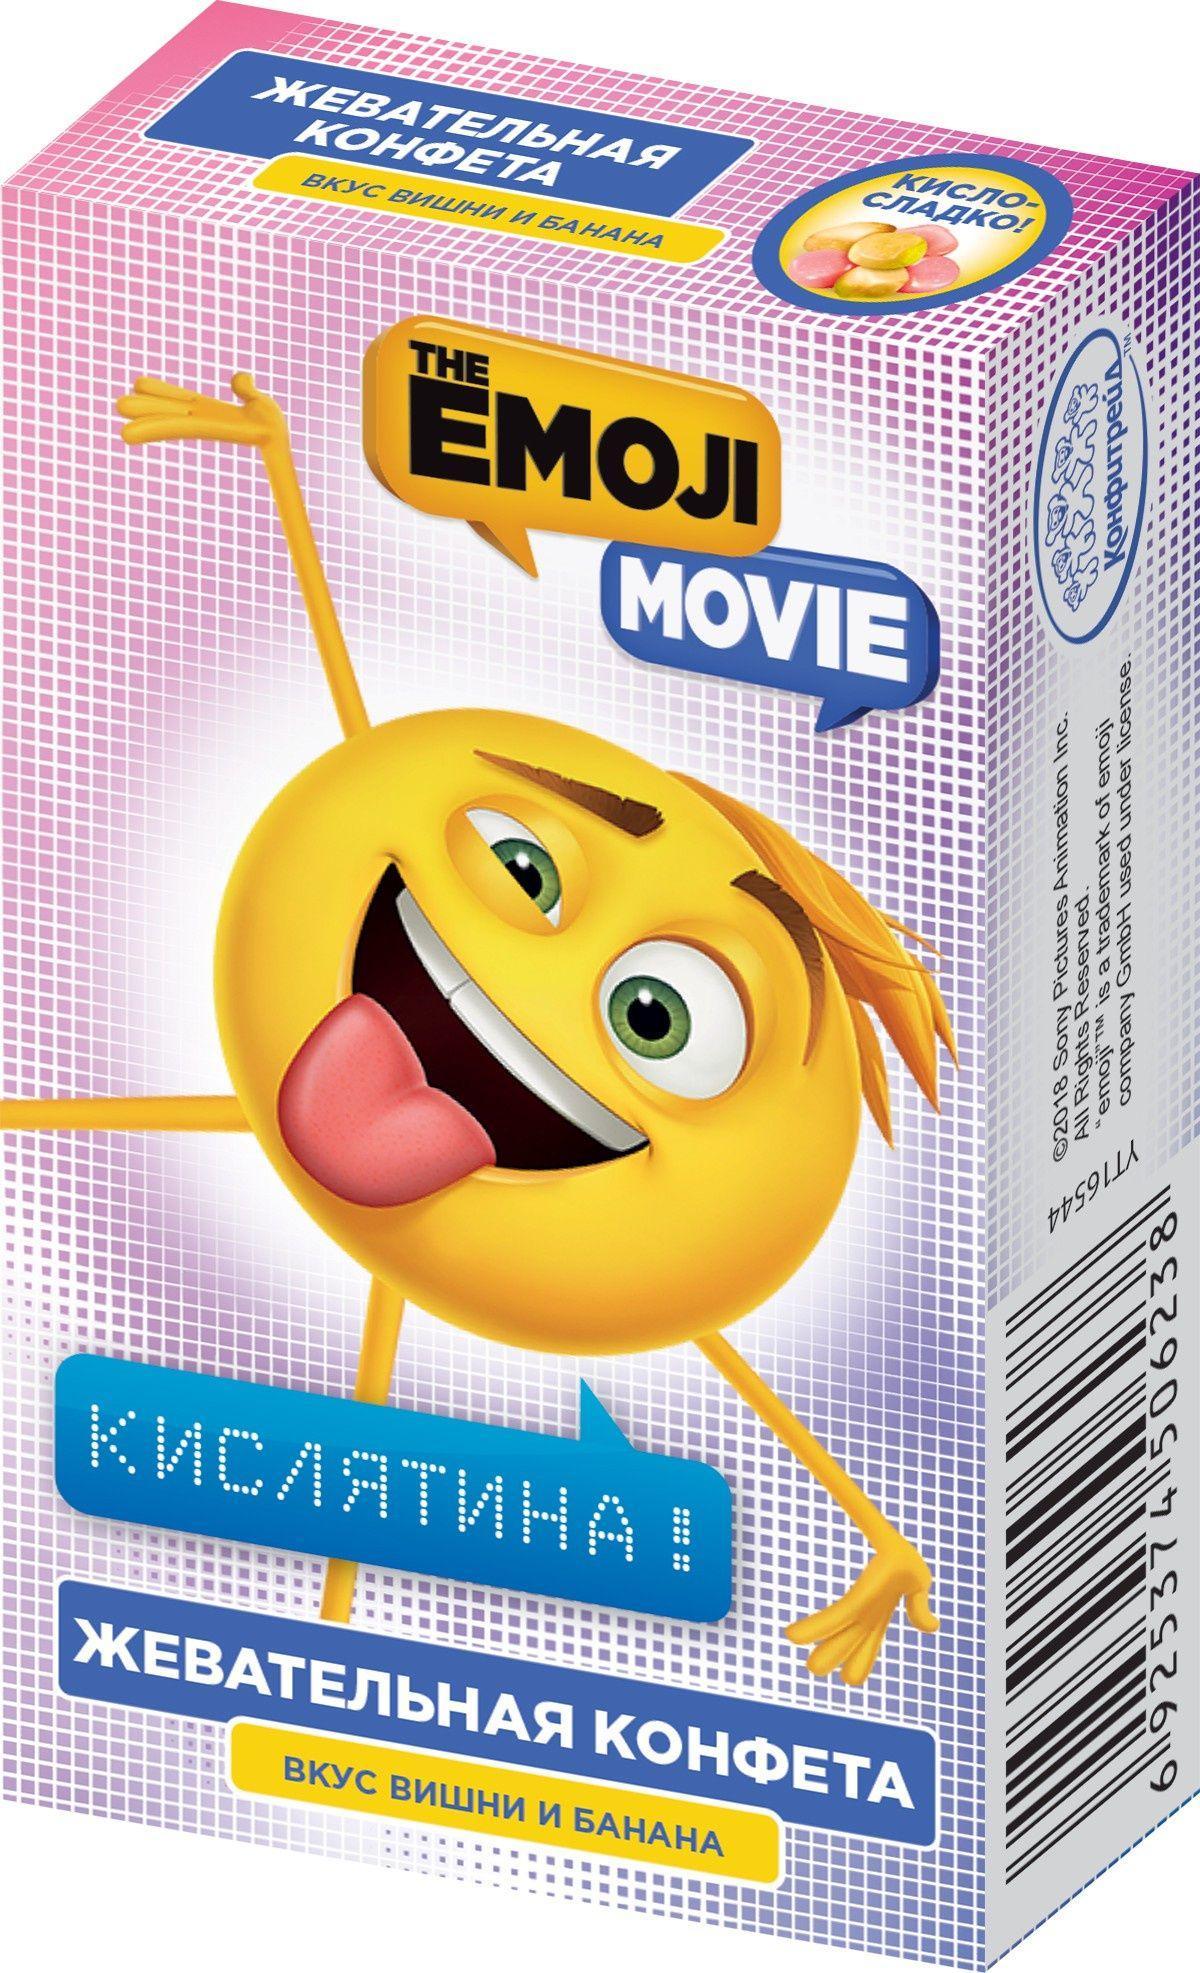 Конфеты Конфитрейд Emojii жевательные кислые